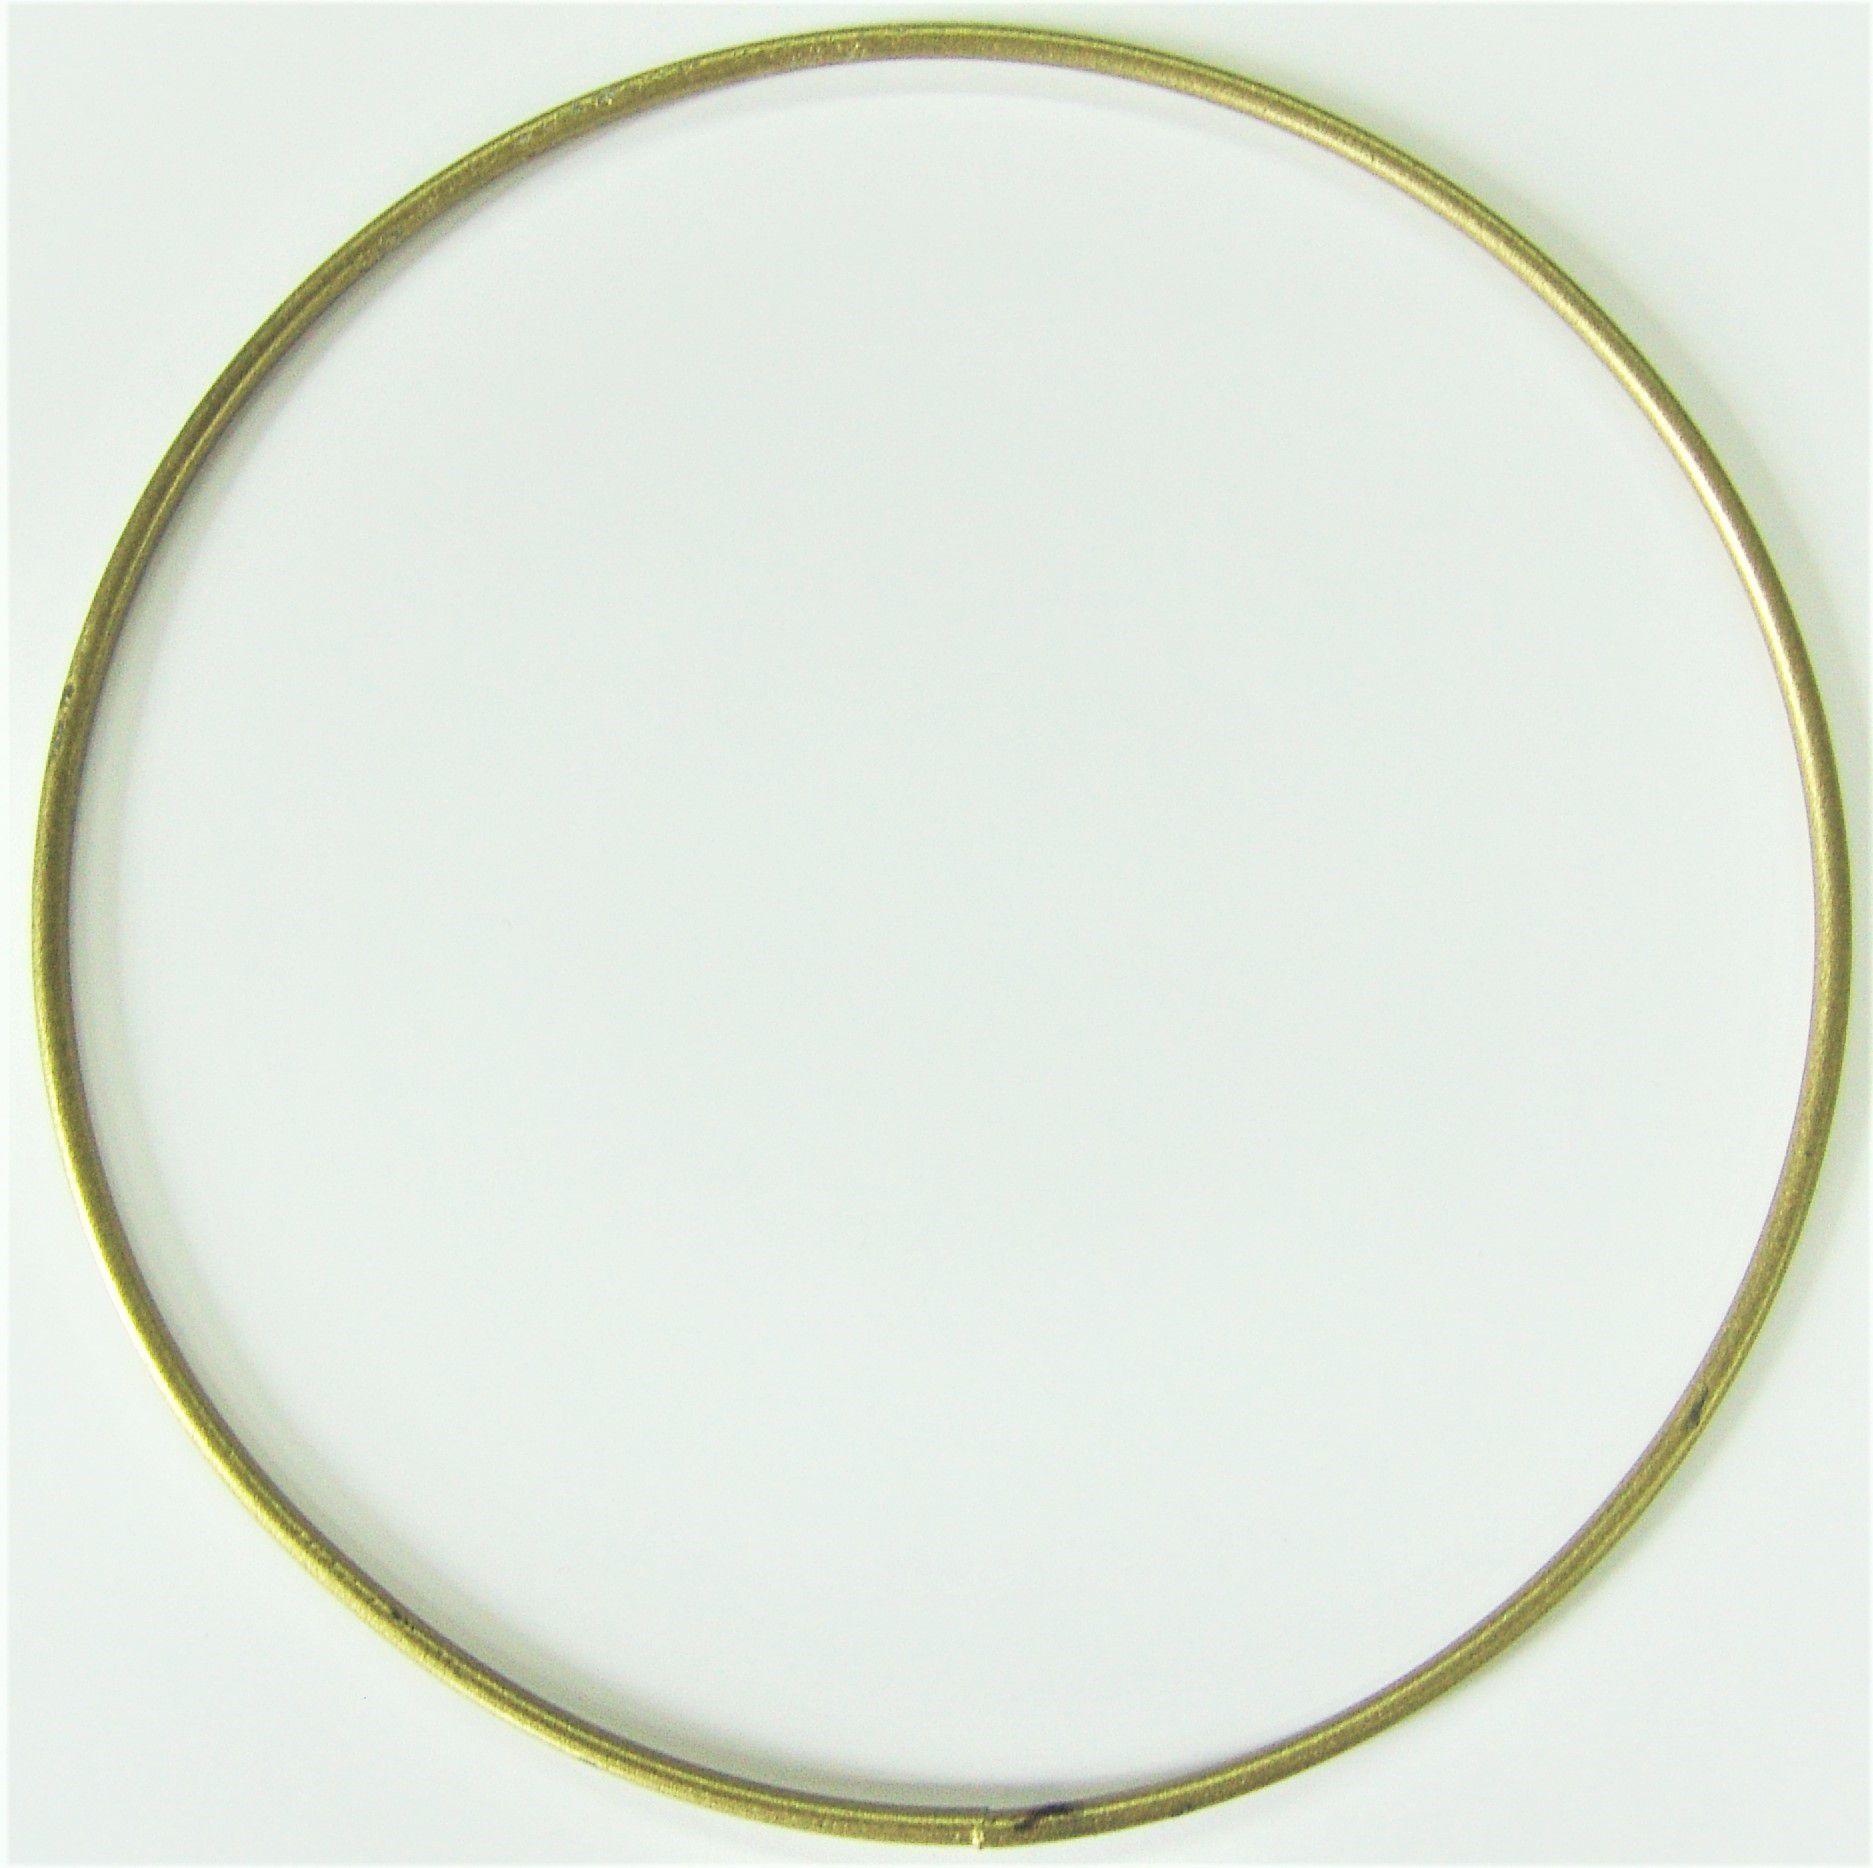 Cercle nu en métal doré Ø 15cm